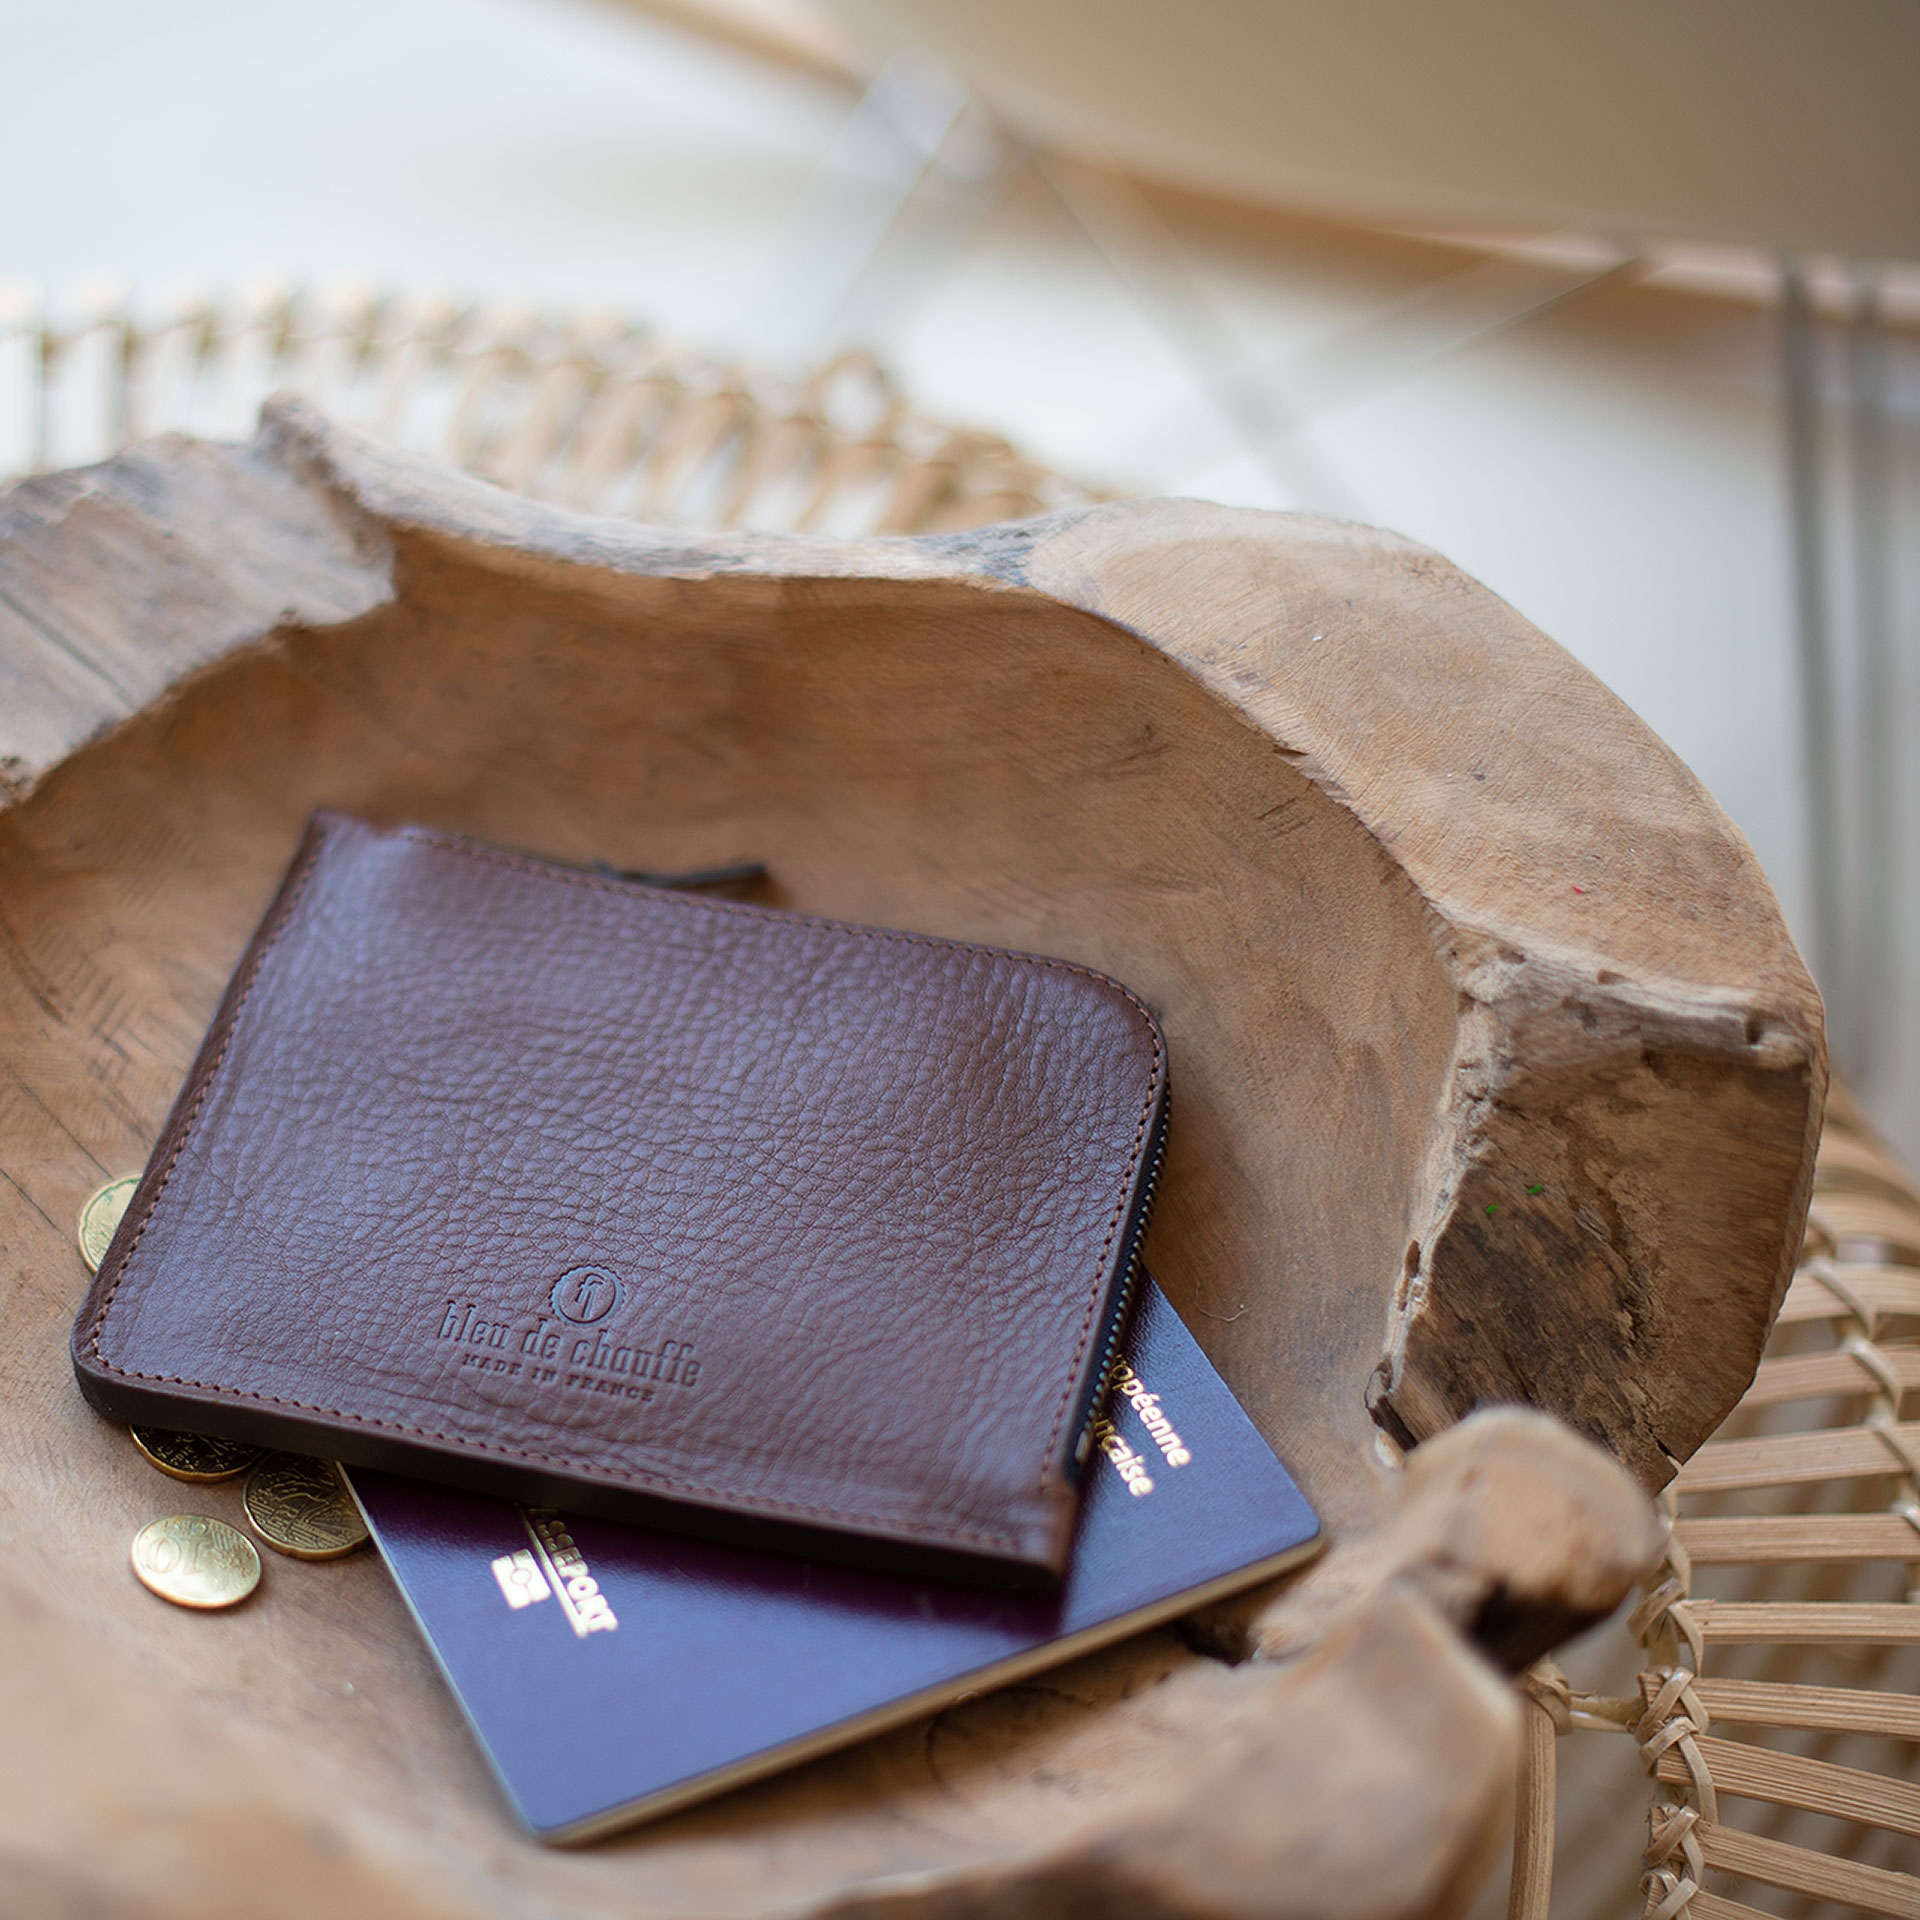 Daron zippered purse / XL - Cuba Libre (image n°3)